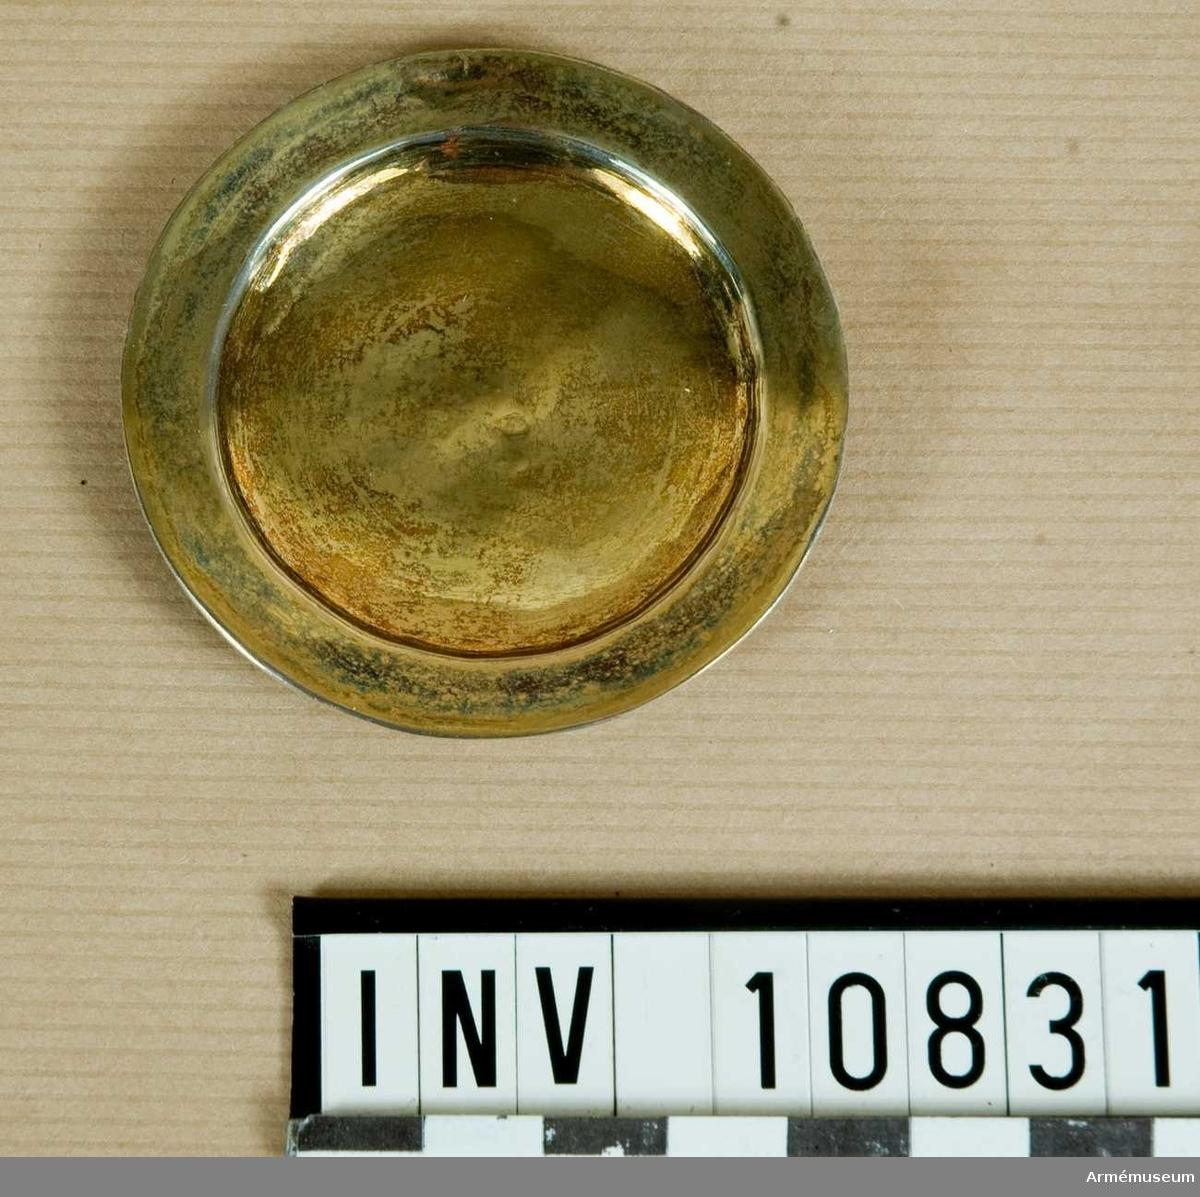 Grupp B II. Patén av silver, helt förgylld, rund, slät, utan inskription.Stämplar som på kalken: Tre kronor i tre pass; förmodligen Johan  Hindrik Halck, f 1748, mästare 1777-03-03, död 1797-04-19. Tre typer av stämplar, IHH eller HHI (nr 3669), kryss (nr 3670) och  obestämbar bild (nr 3668). Se Svenskt silversmide 1520-1850 av  Erik Andrén m fl.